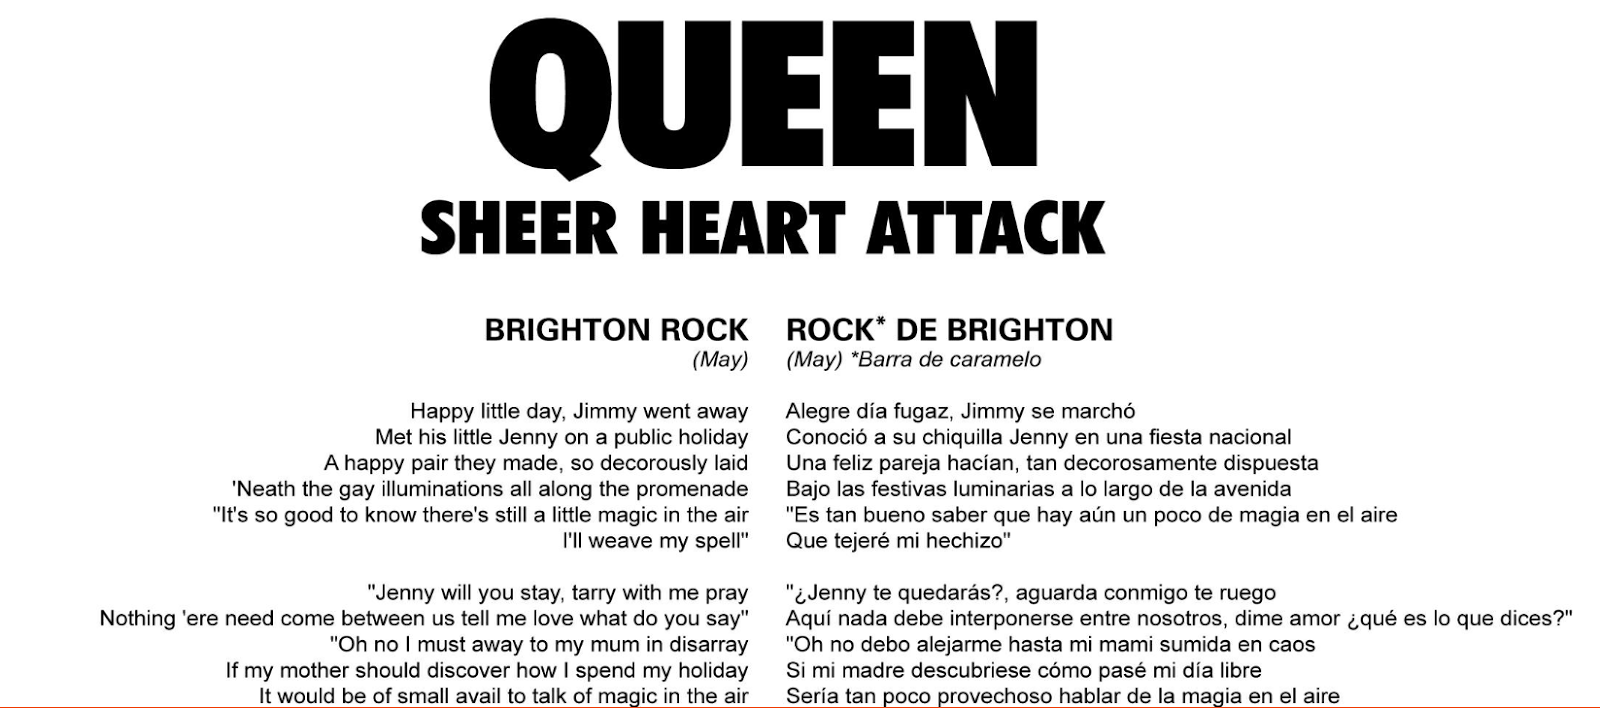 Letras Traducidas - Sheer Heart Attack